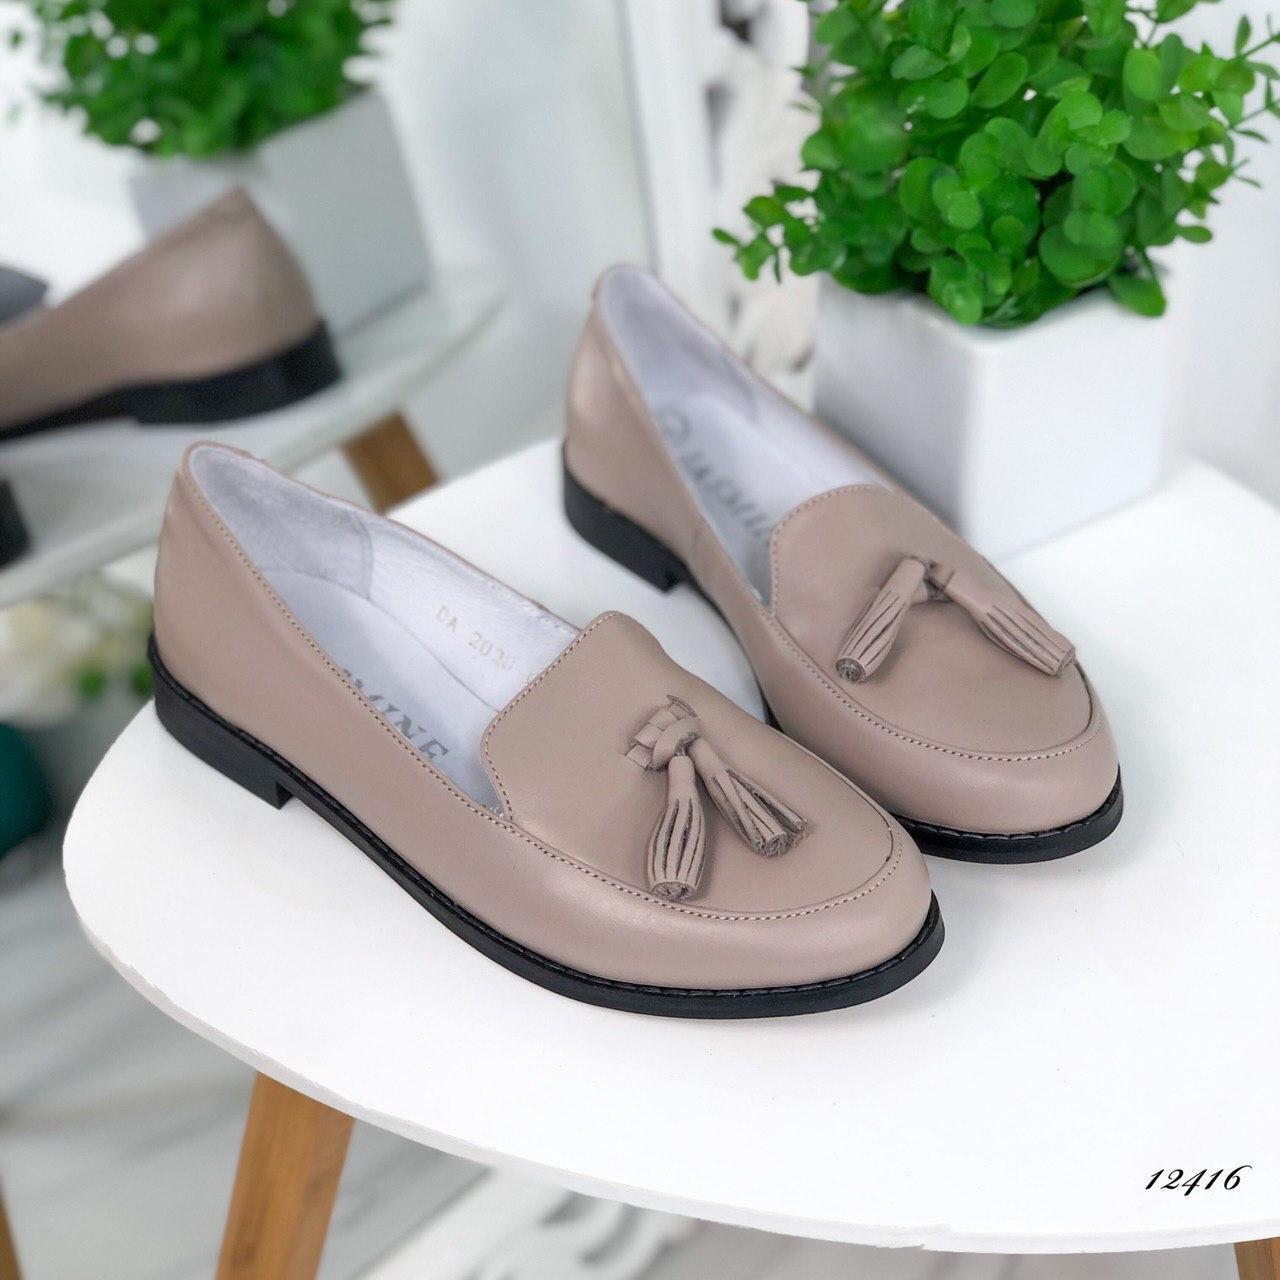 Женские туфли натуральная кожа бежевые